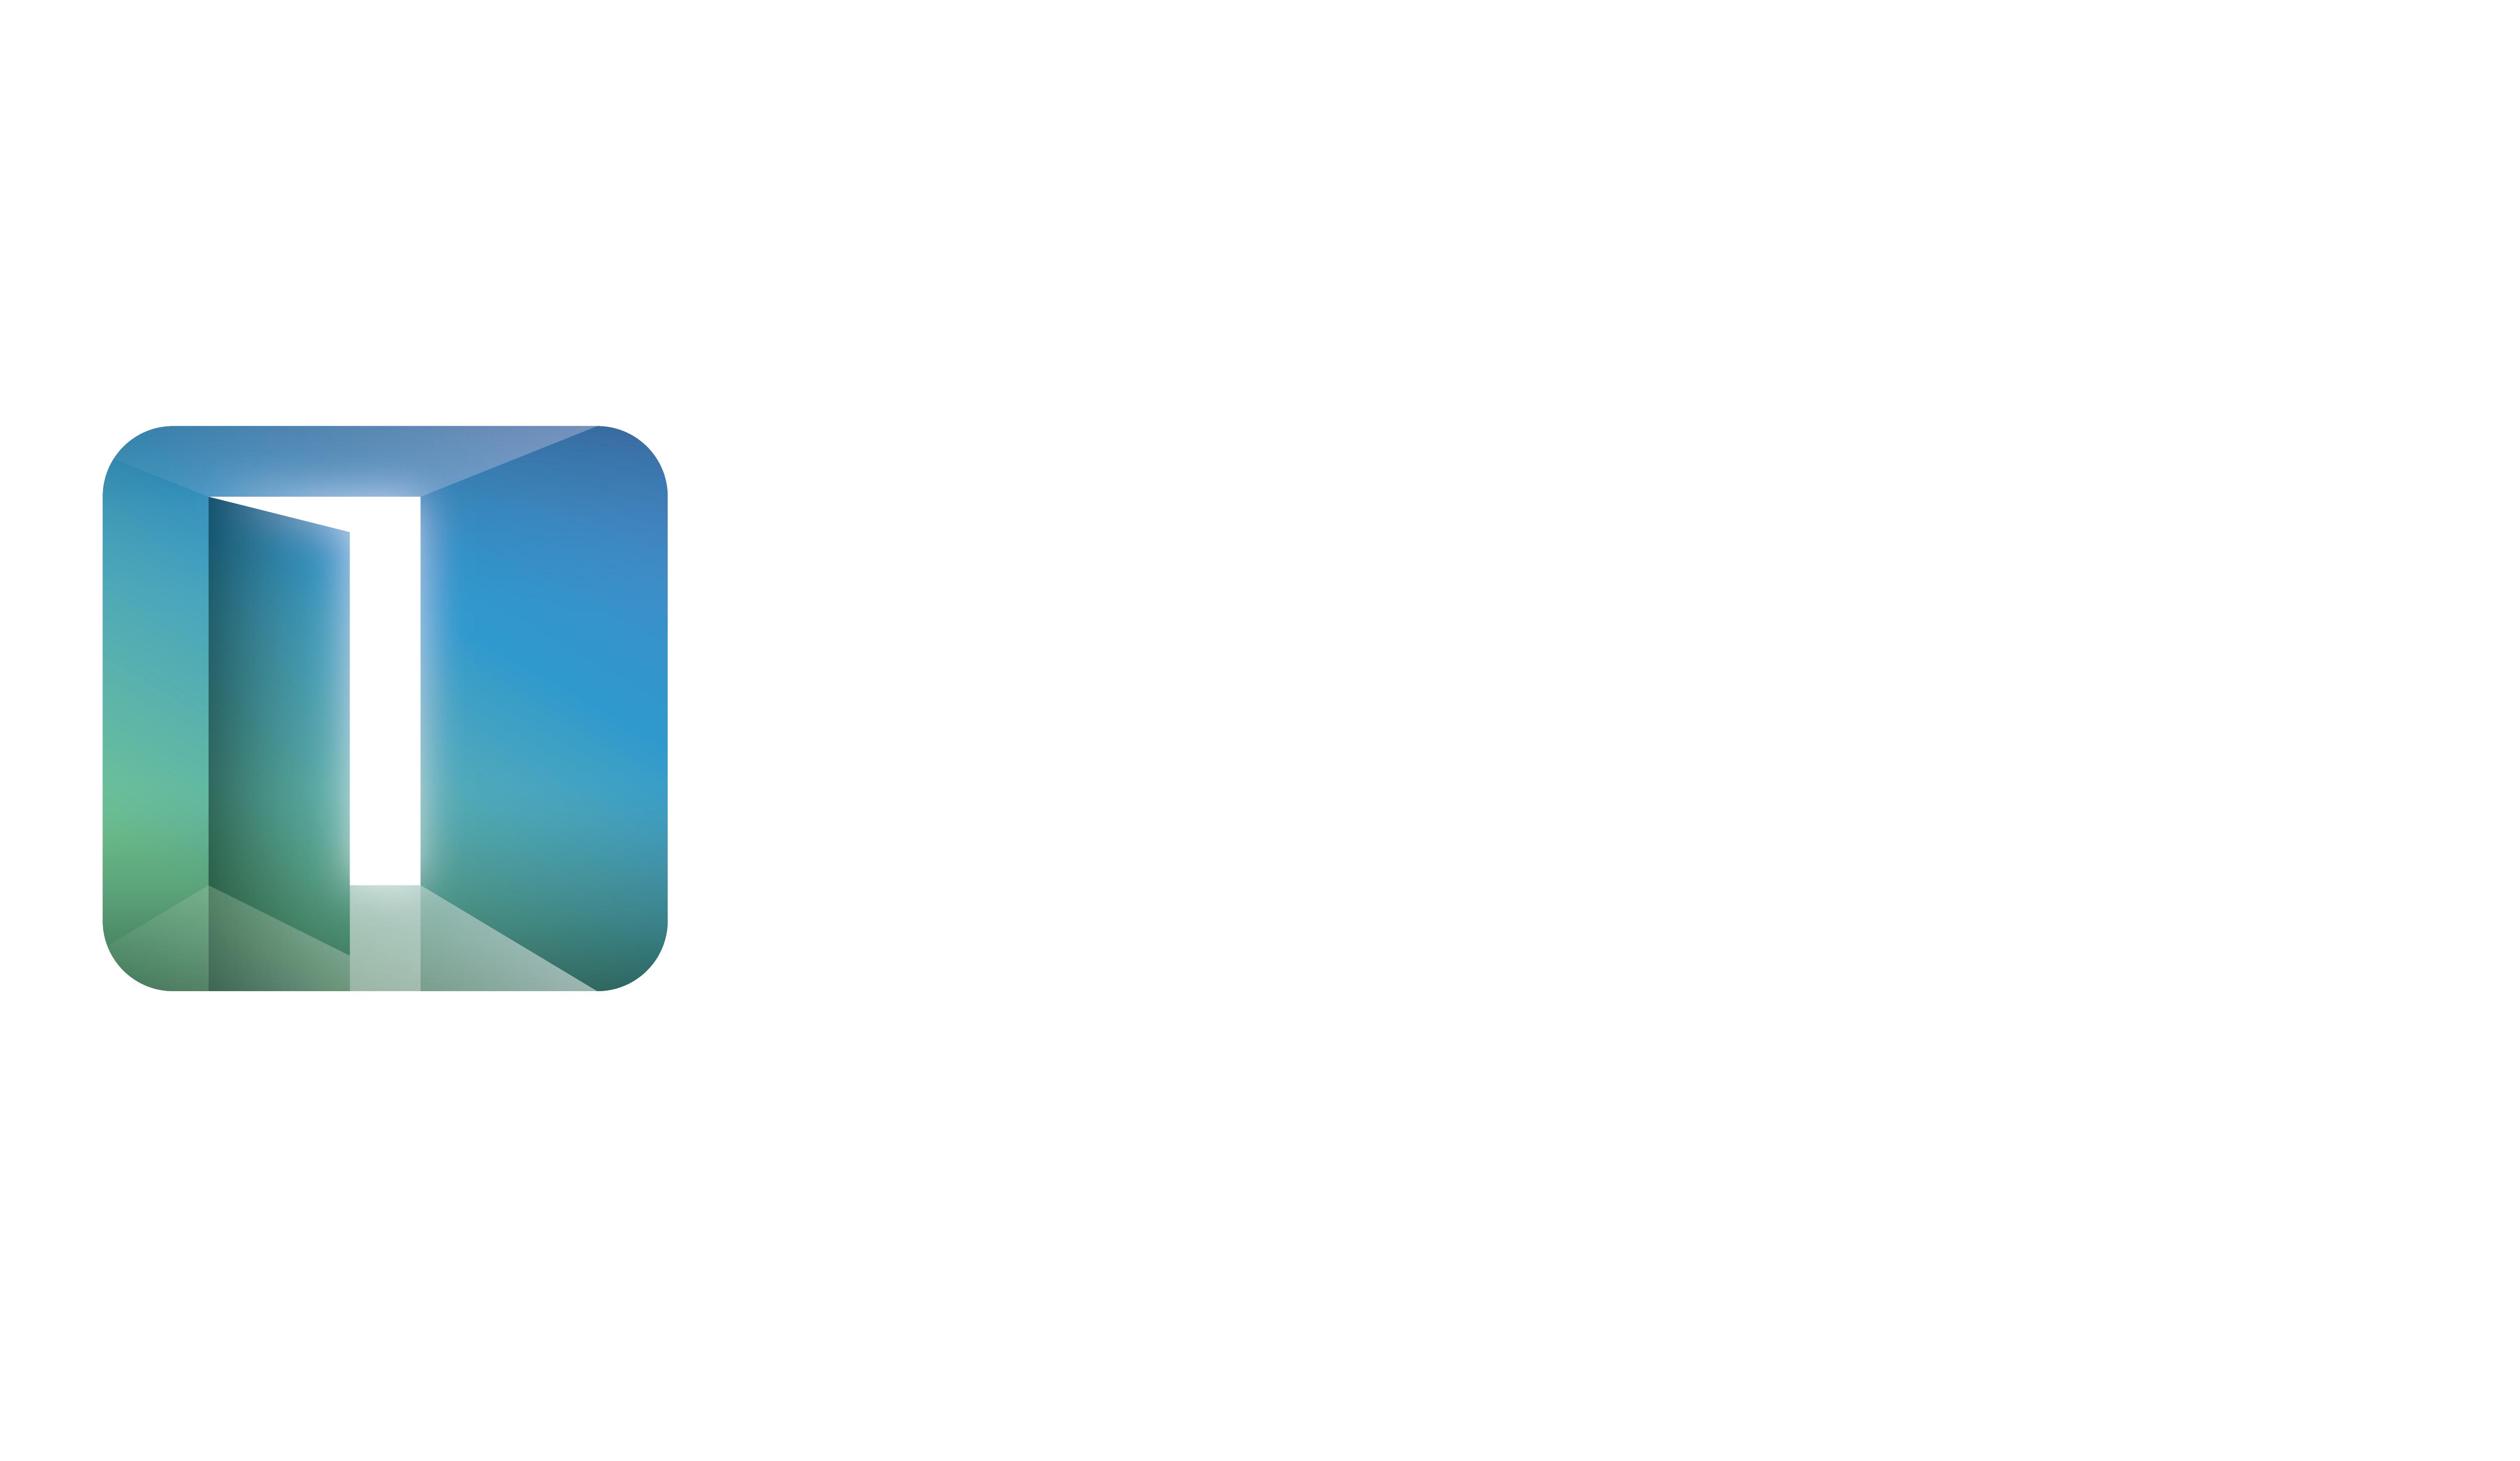 AltaViu_Access_1WH